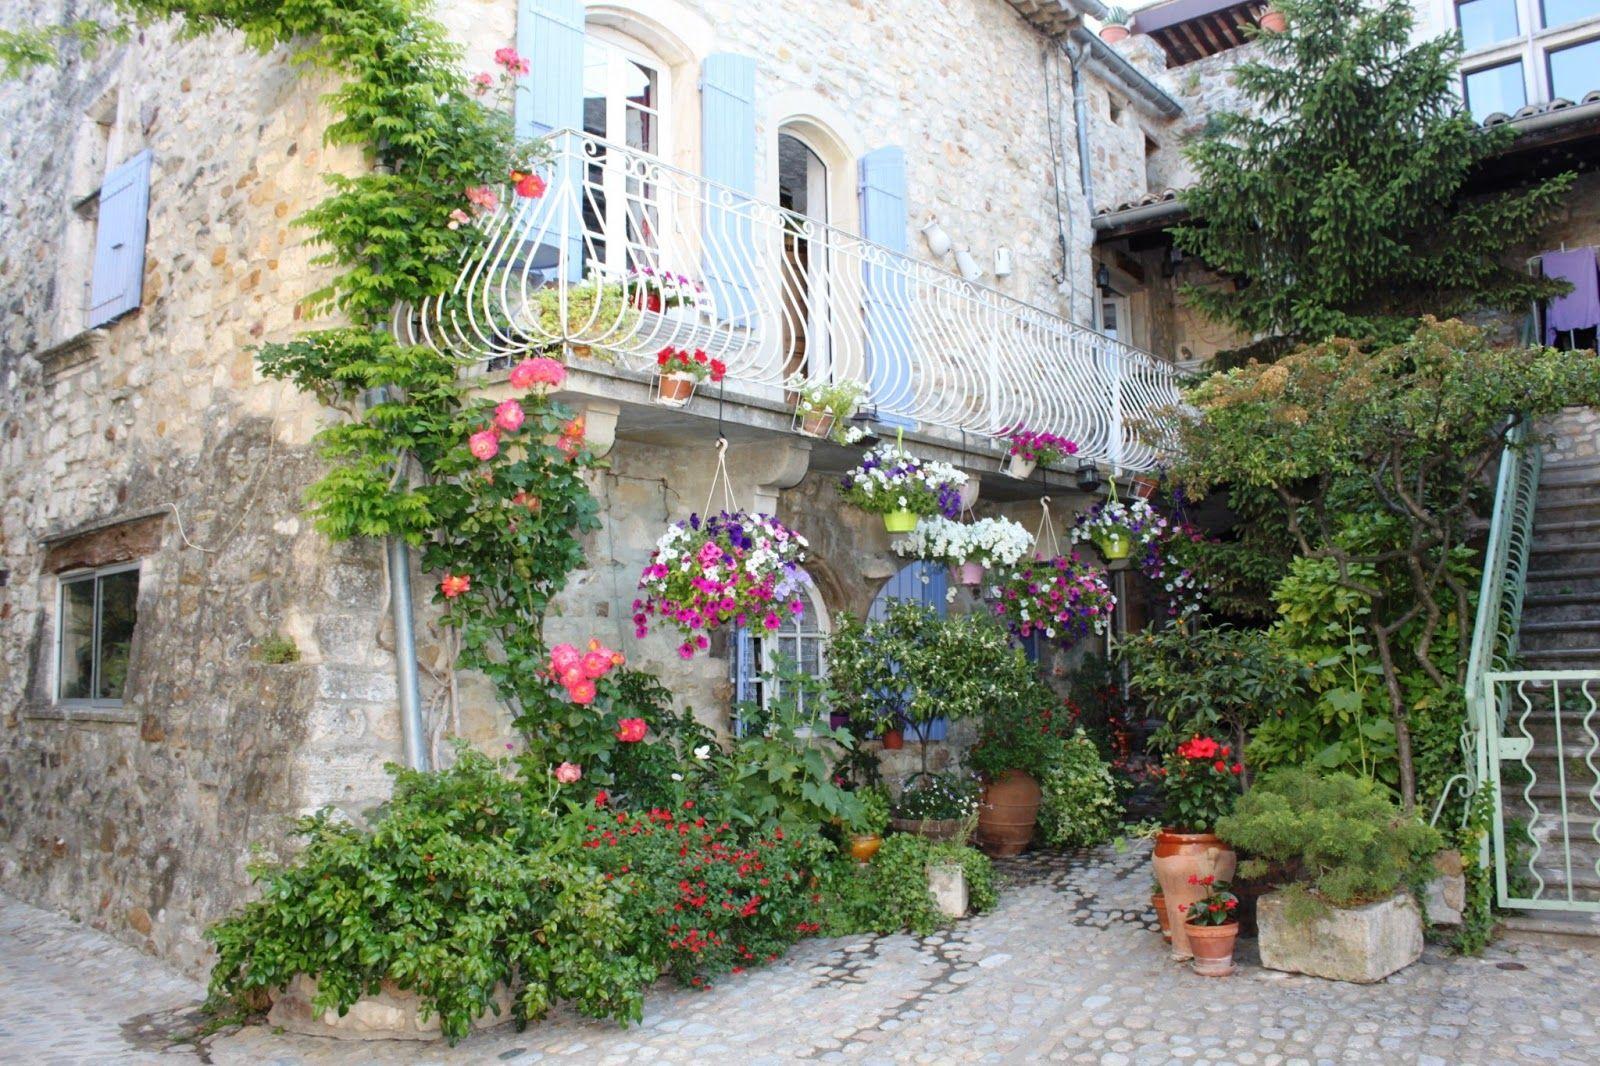 beaux villages fleuris - Bing Images | Fleurs, Beaux ...